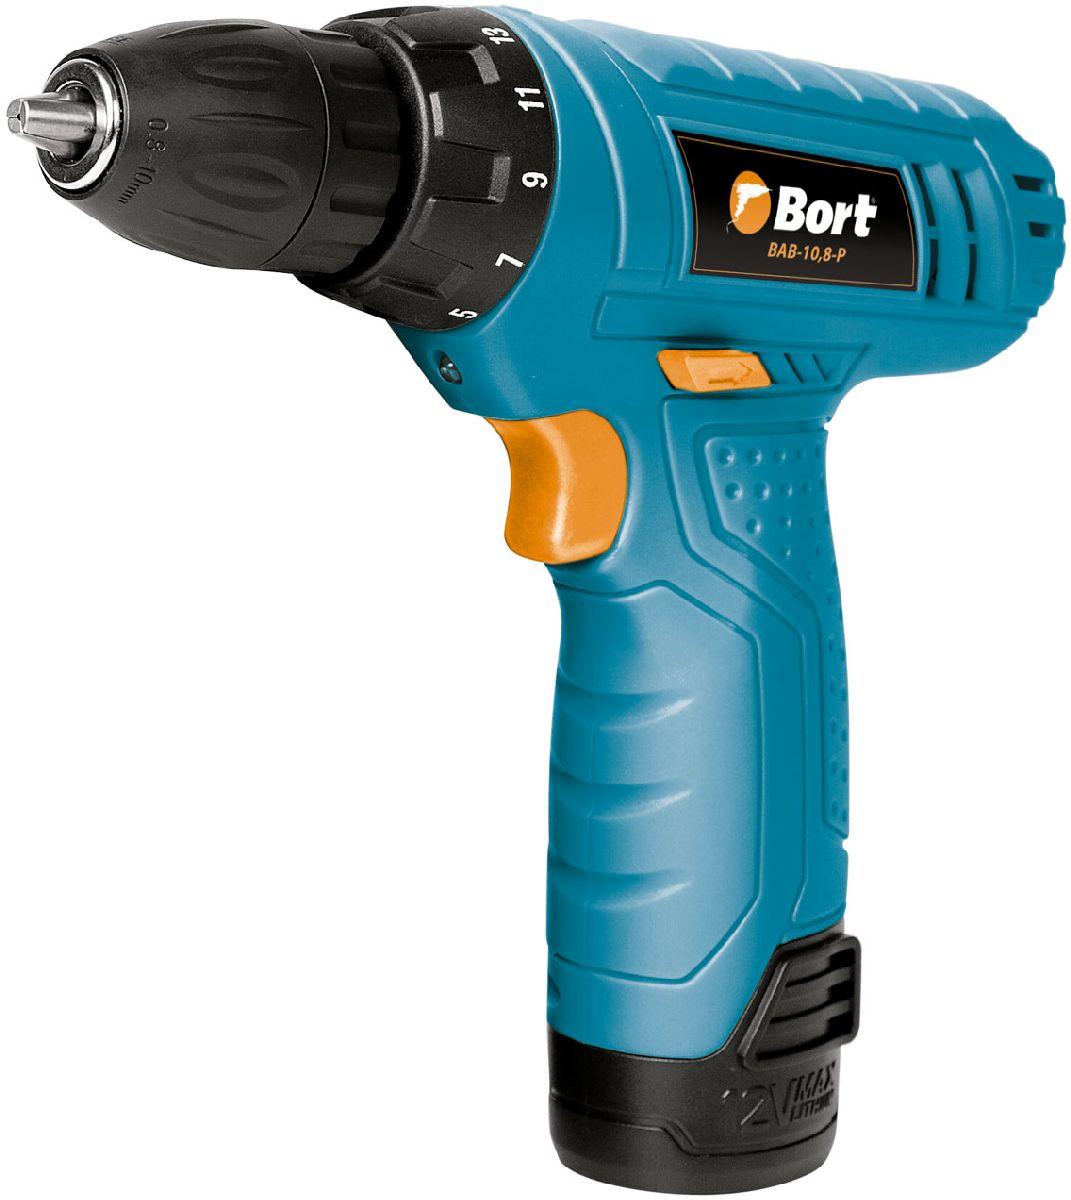 Дрель-шуруповерт аккумуляторная Bort BAB-10,8-P91270016Дрель-шуруповерт Bort BAB-10,8-P аккумуляторная подойдет для установки и демонтажа шурупов, саморезов и болтов. При помощи этого инструмента можно осуществлять сверление в различных материалах, Вы оцените все преимущества его использования и универсальность. Bort BAB-10,8-P имеет частоту вращения до 500 оборотов минуту. Крутящий момент можно быстро отрегулировать, выставив наиболее подходящий параметр. Фиксация шпенделя будет полезна при эксплуатации.Для освещения рабочей зоны предусмотрена подсветка, она повышает удобство применения шуруповерта. В корпусе установлен аккумулятор литий-ионного типа. Он отличается долговечностью, переносит множество циклов перезарядки без потери эффективности. Емкости 1,3 Ач будет достаточно для продолжительного применения инструмента. Зарядка осуществляется от специального устройства из комплекта. Нельзя не отметить компактные габариты и небольшой вес, он составляет всего 1 килограмм.Характеристики:Тип аккумуляторной батареи: XR Li-Ion.Емкость аккумулятора: 1,3 Ач.Напряжение аккумулятора: 10,8 В.Время зарядки, около: 180 мин.Максимальный диаметр сверления (дерево): 20 мм.Максимальный диаметр сверления (сталь): 8 мм.Максимальный крутящий момент (мягкий): 18 Нм.